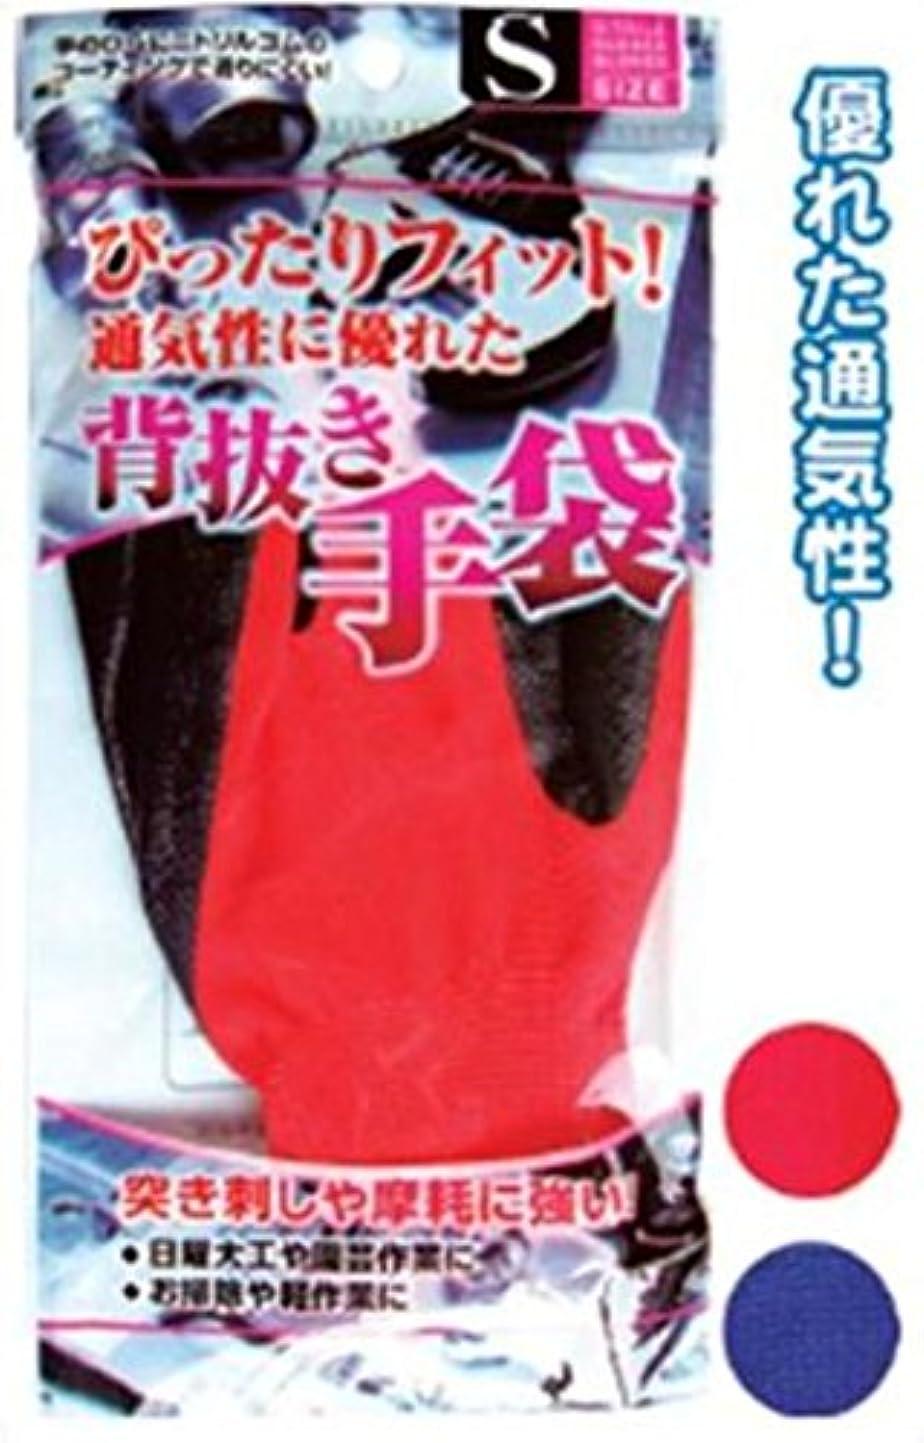 ぴったりFit滑りにくいニトリルゴム背抜手袋(S) 45-663 【まとめ買い12個セット】